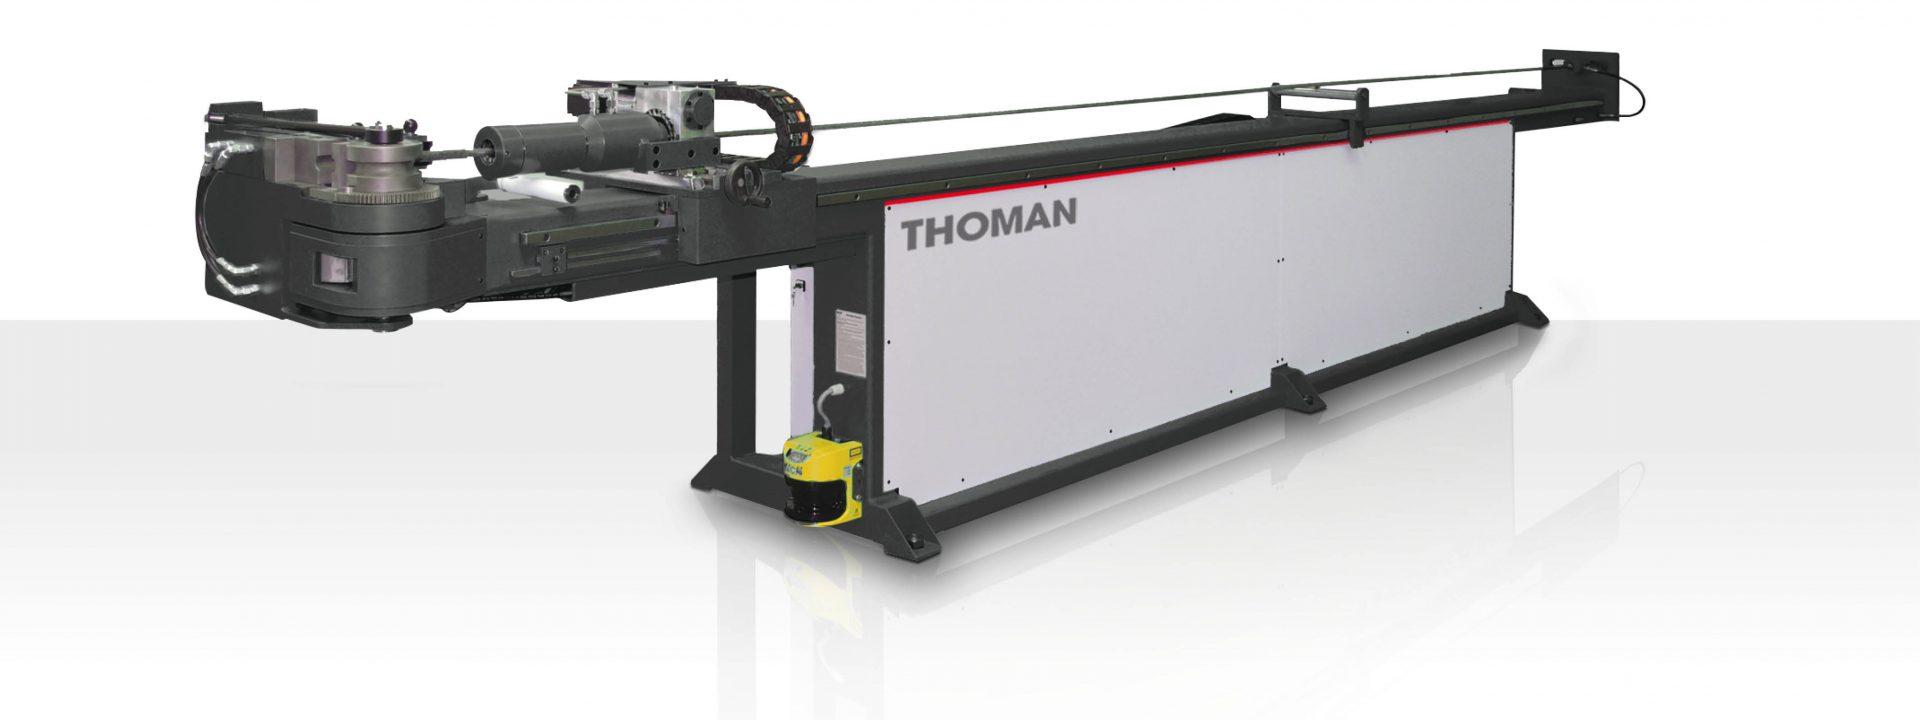 Rohrbiegemaschinen - Rohrbiegen - vollautomatische CNC Biegemaschine